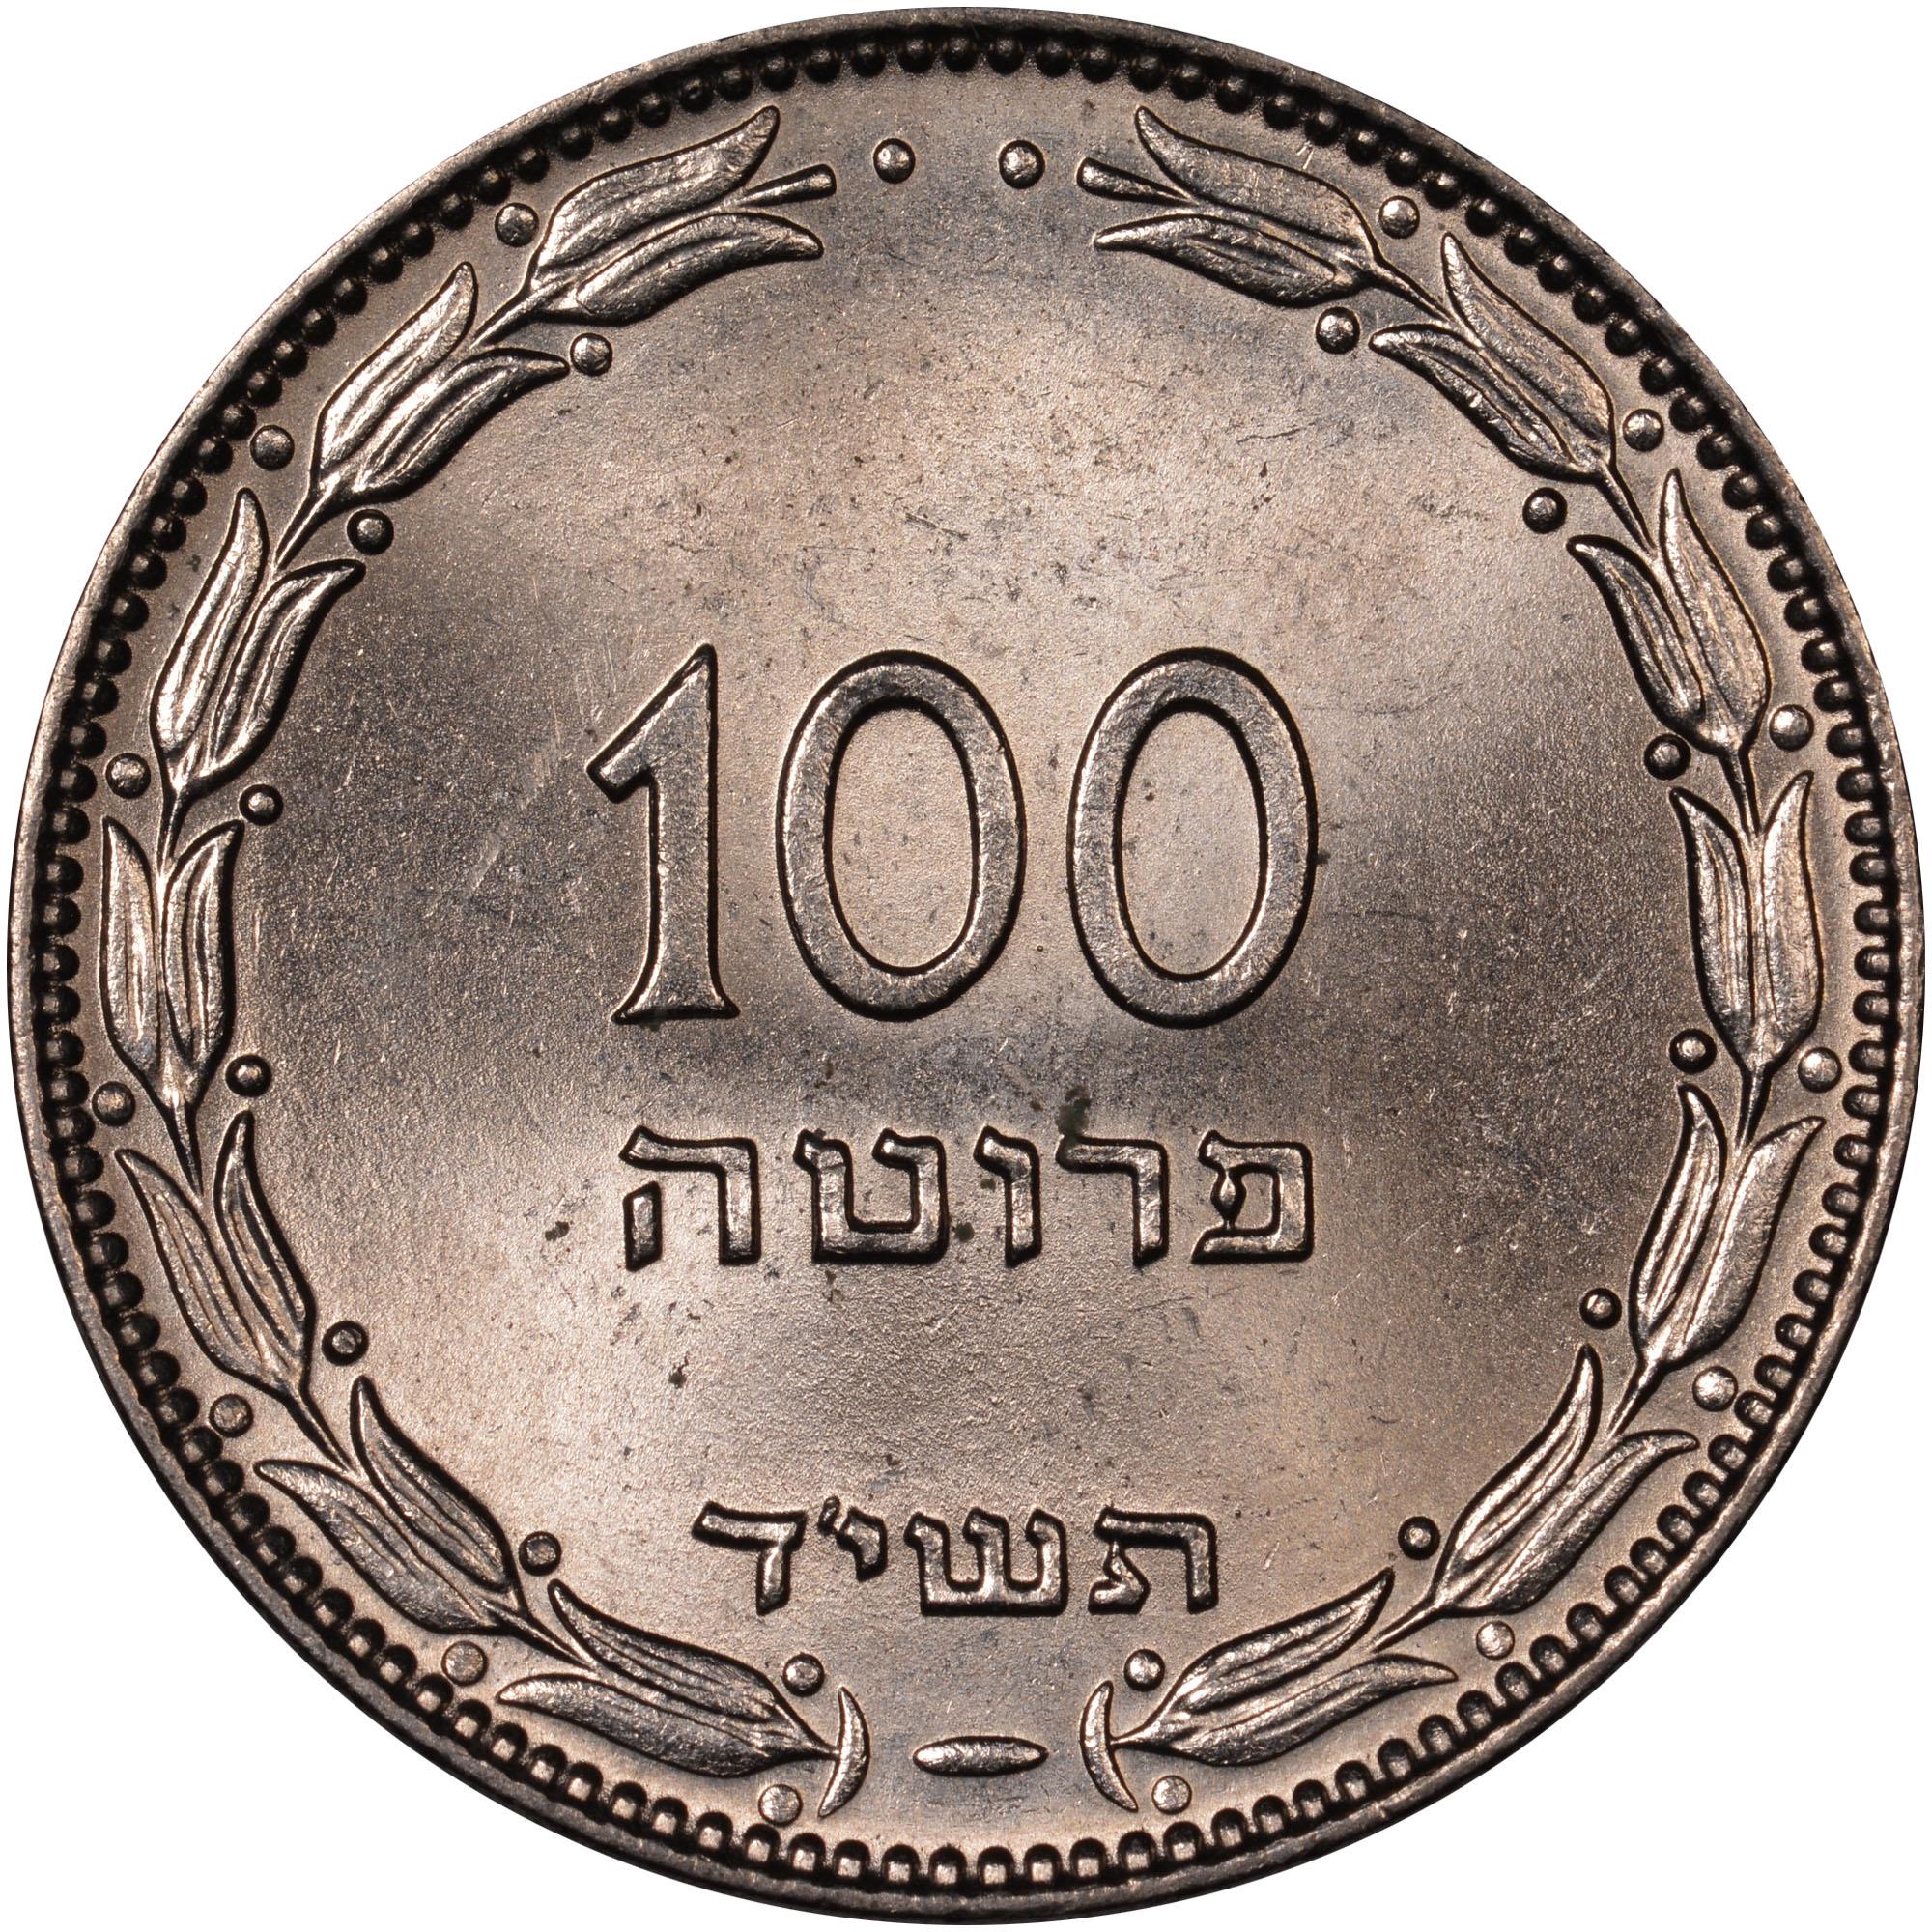 Israel 100 Pruta reverse